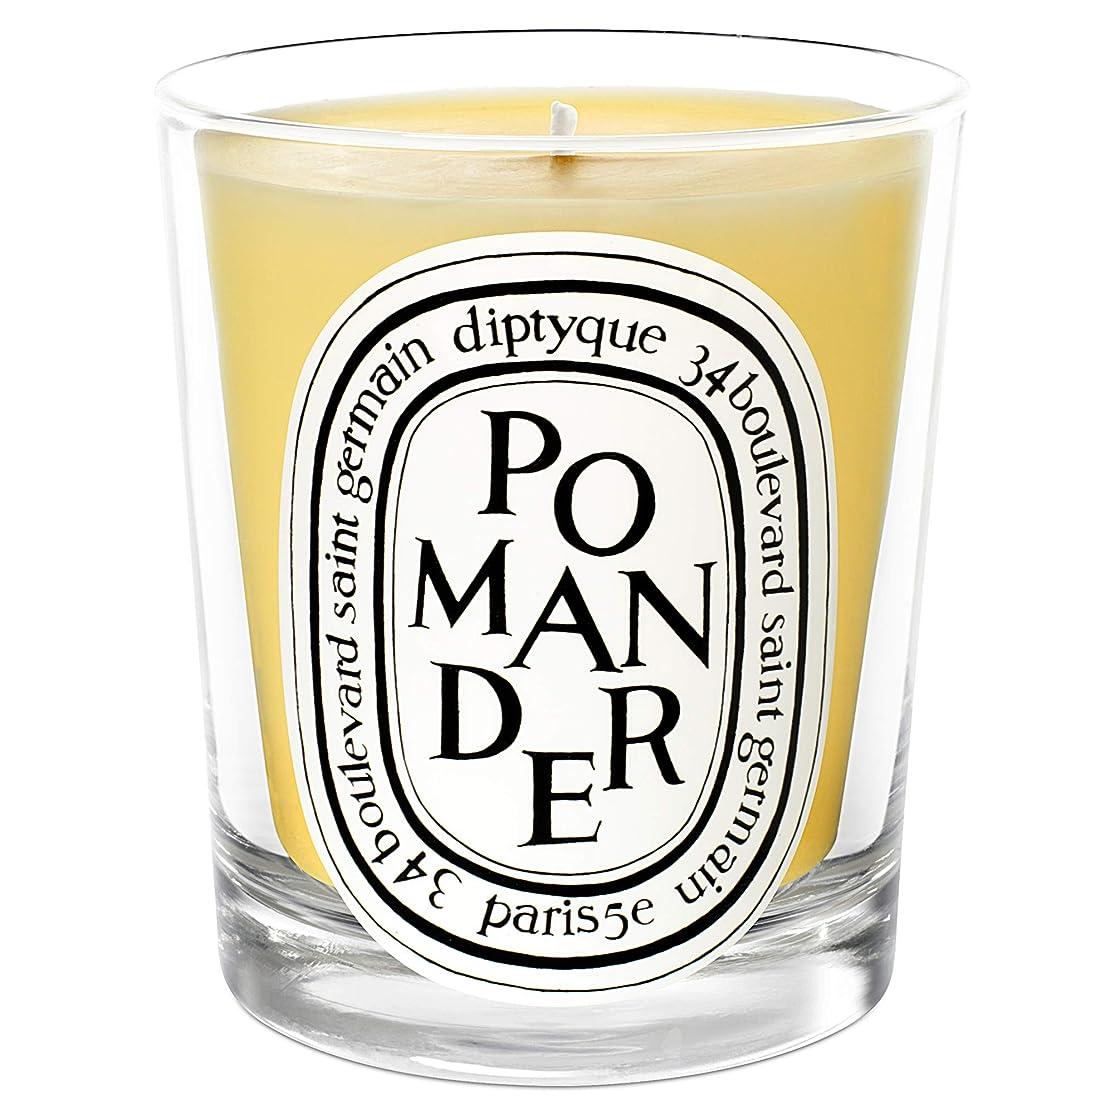 分割干渉する途方もない[Diptyque] DiptyqueのPomander香りのキャンドル190グラム - Diptyque Pomander Scented Candle 190g [並行輸入品]